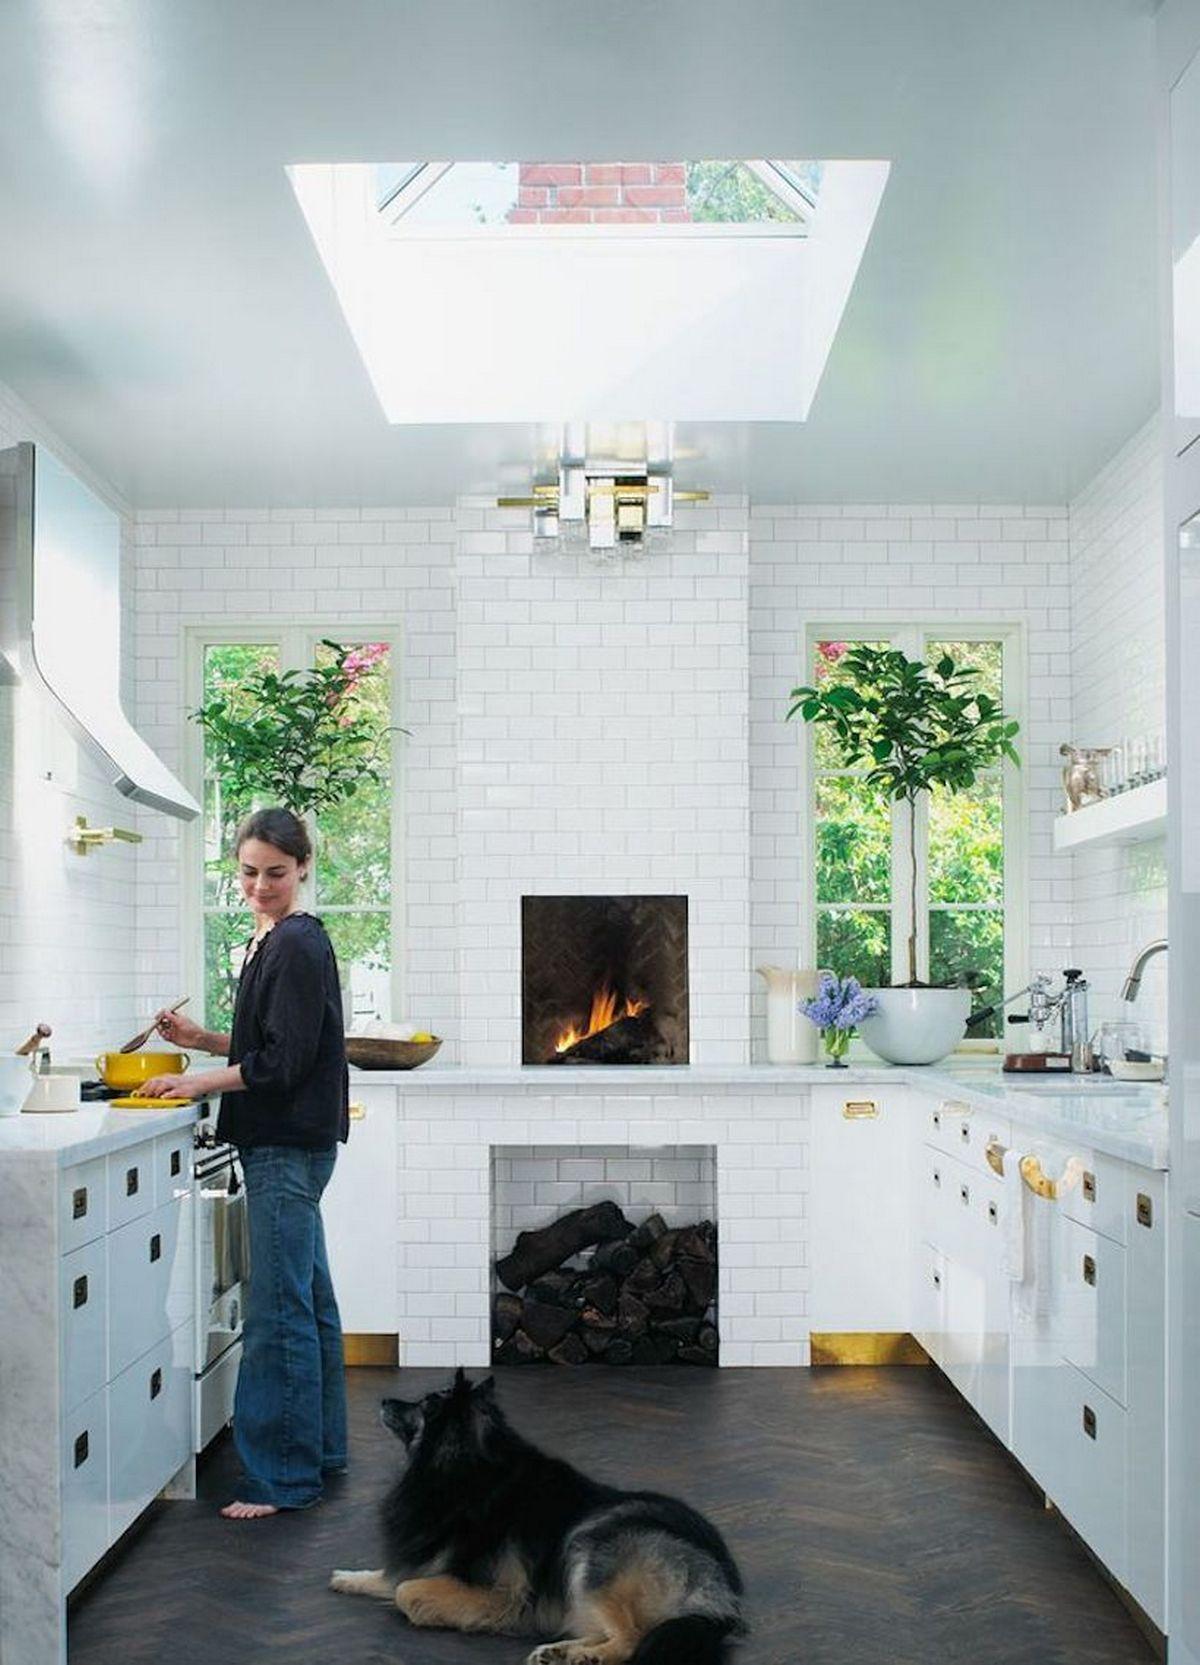 интерьер кухни в частном доме на фото